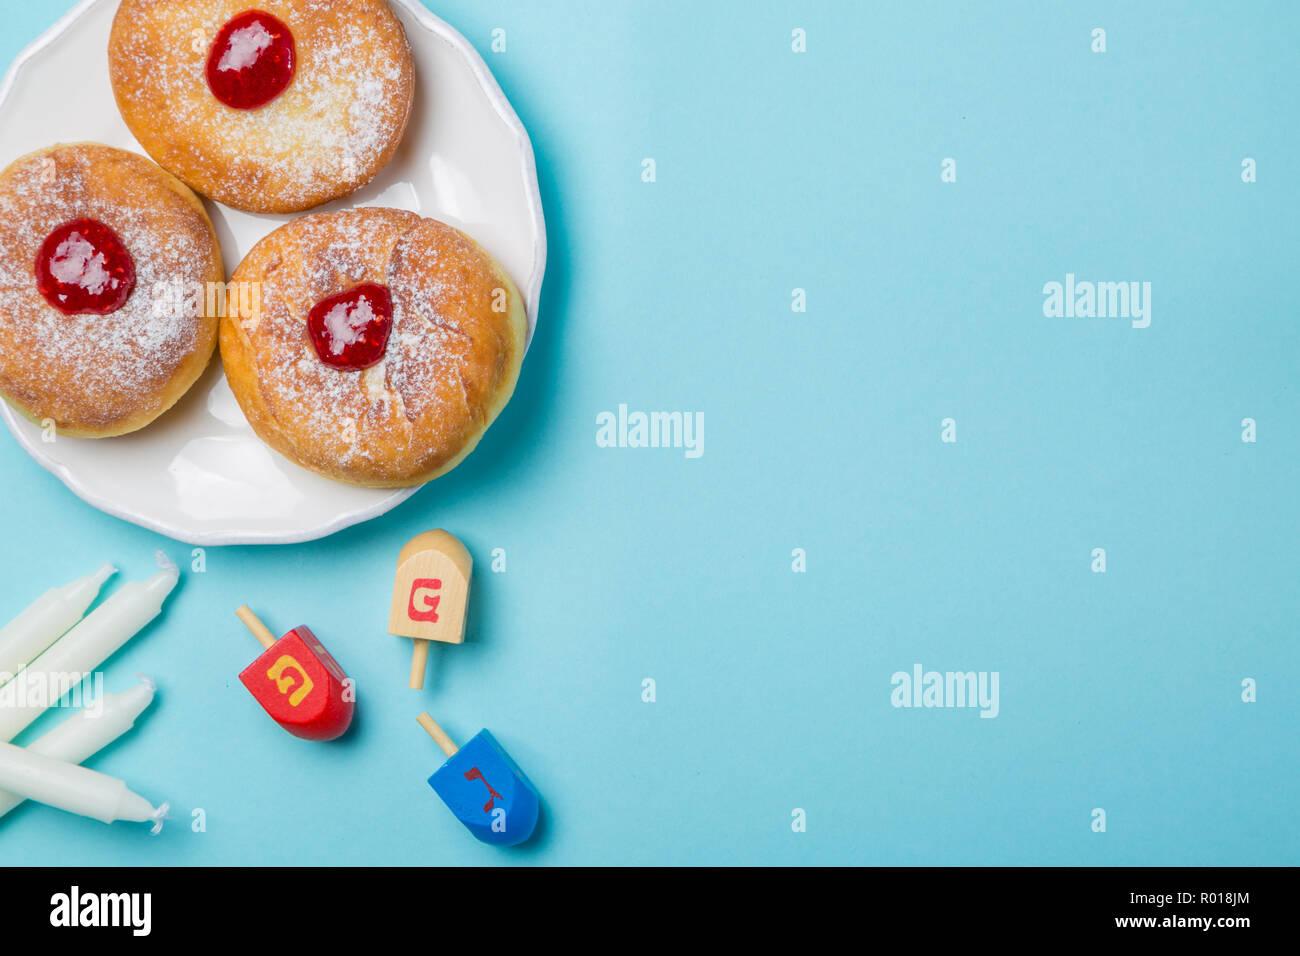 Symbols of hanukkah on blue background - Stock Image